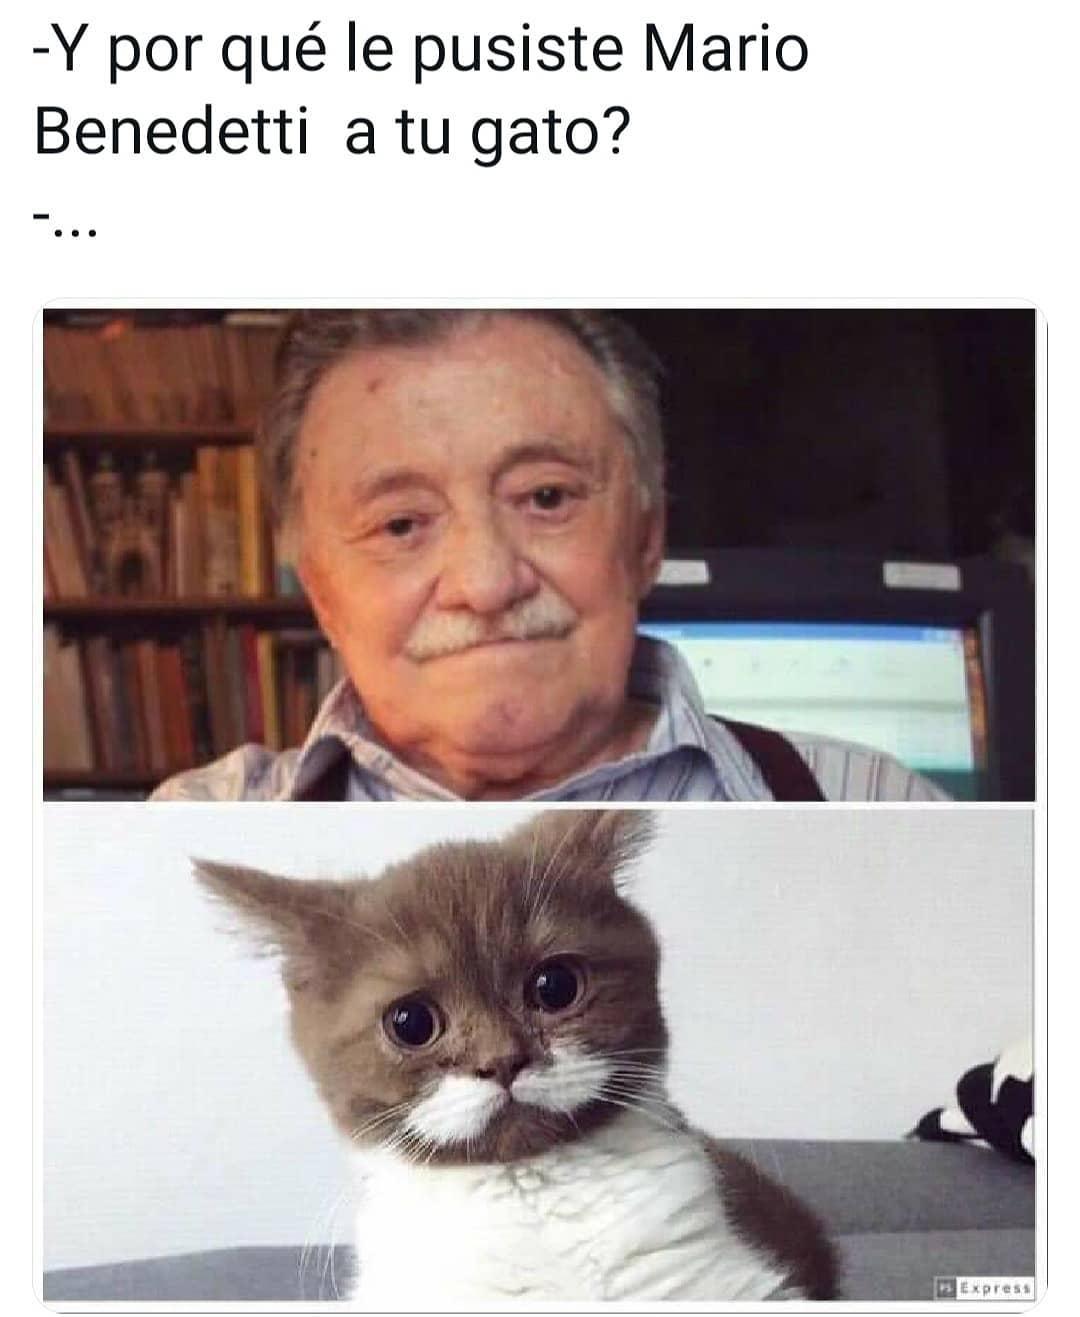 Y por qué le pusiste Mario Benedetti a tu gato?